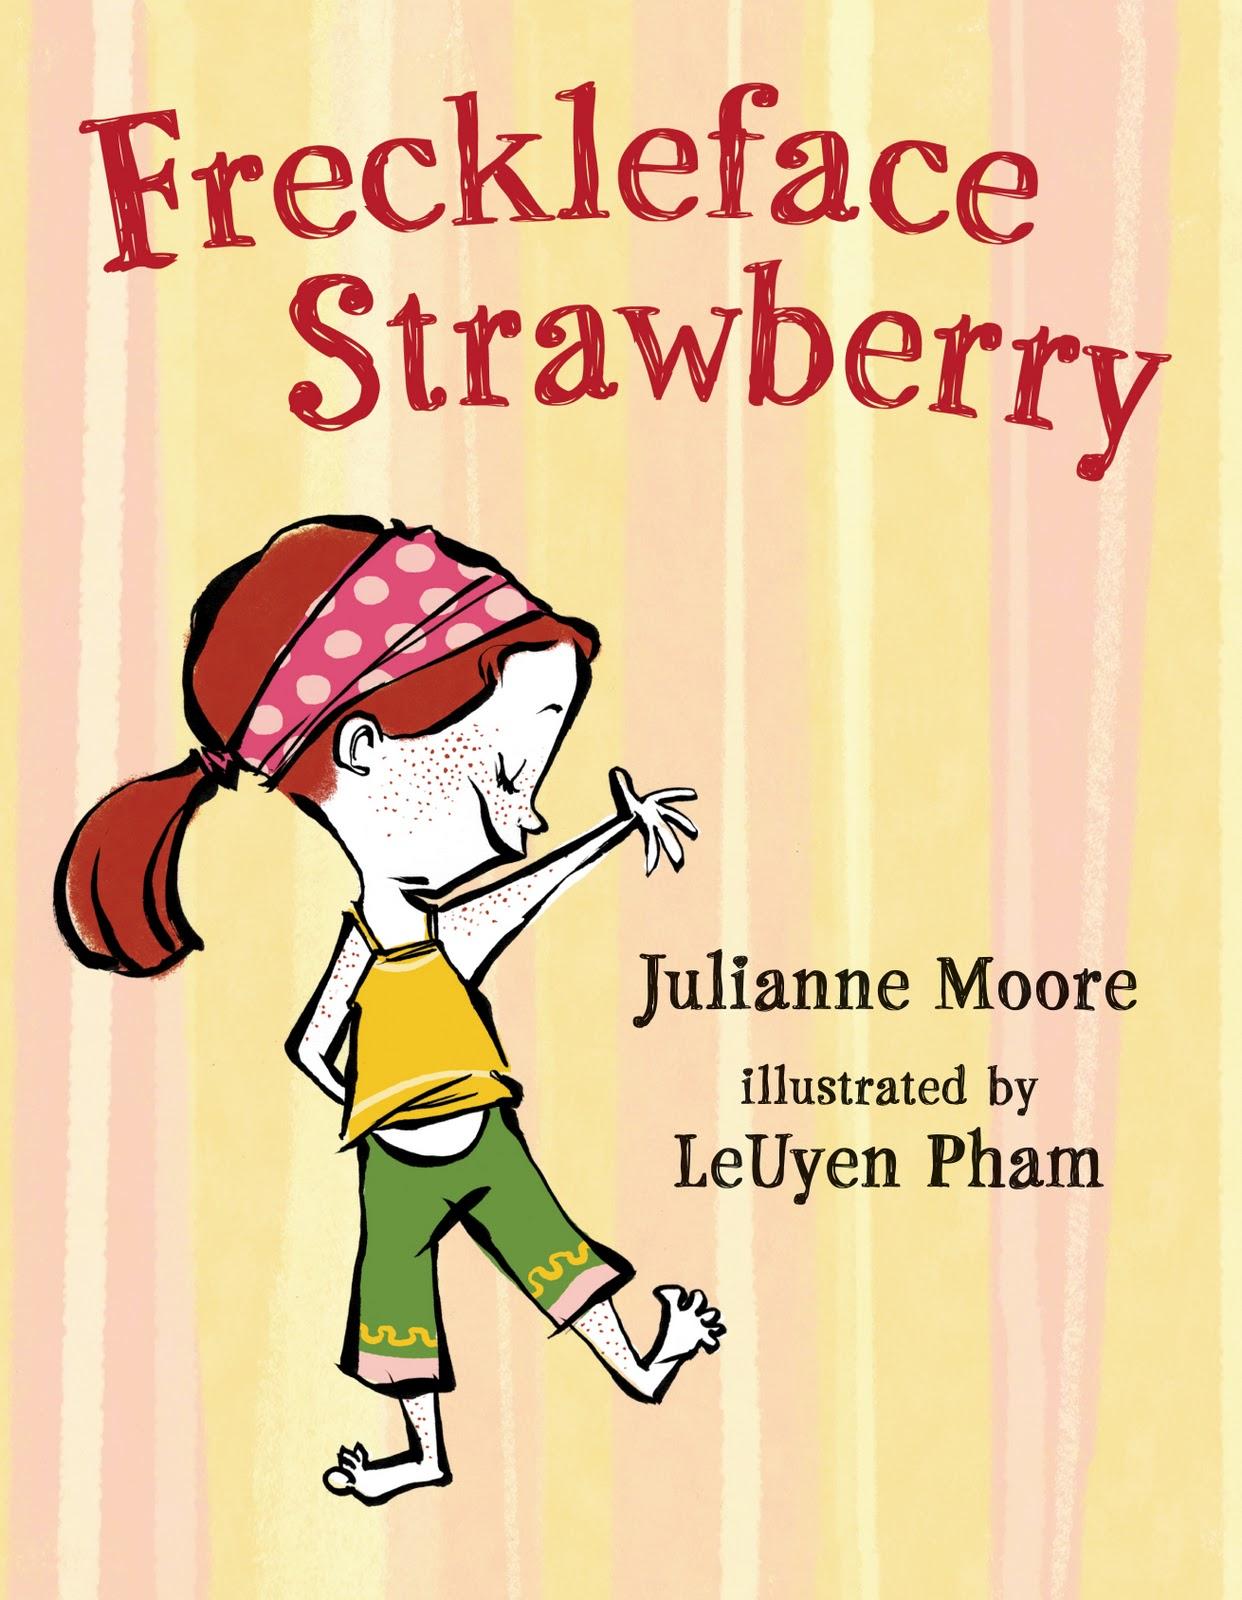 http://2.bp.blogspot.com/-fiVbyGQeKrA/TVg-BPEtHuI/AAAAAAAAAA4/IiOtfDIj8mw/s1600/freckleface-strawberry-cvr1.jpg